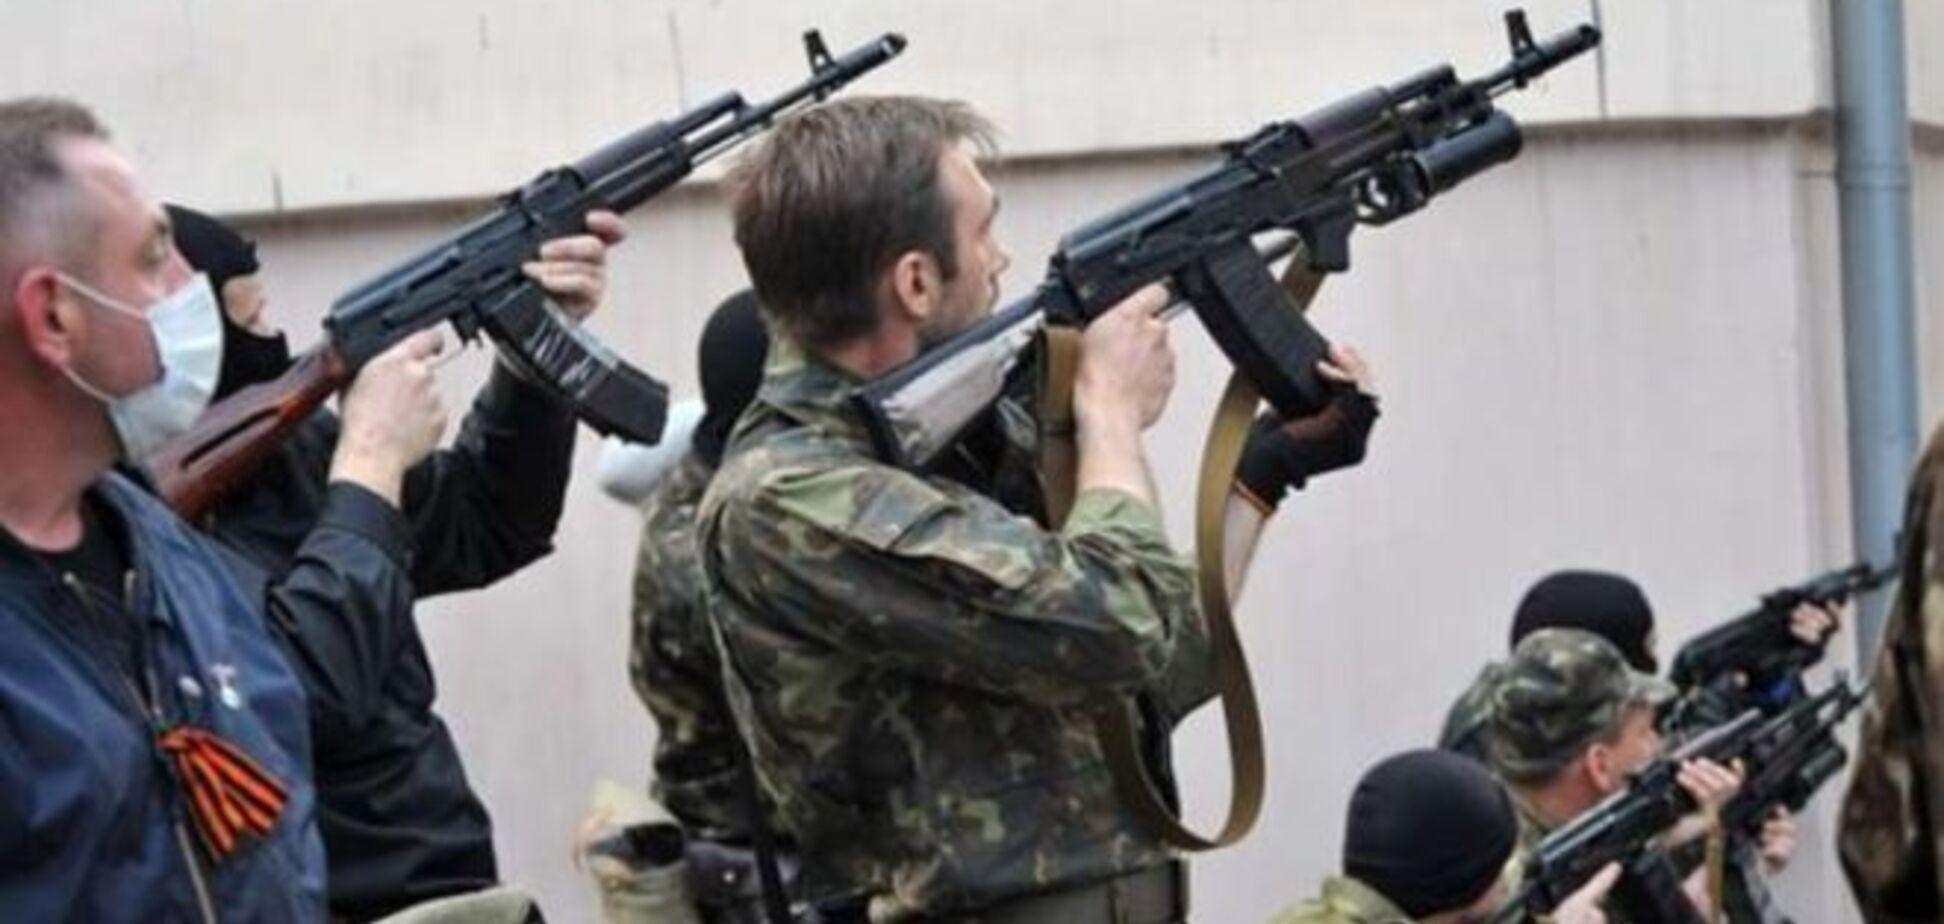 Донецкие террористы планируют расстрелять мирную акцию 9 мая